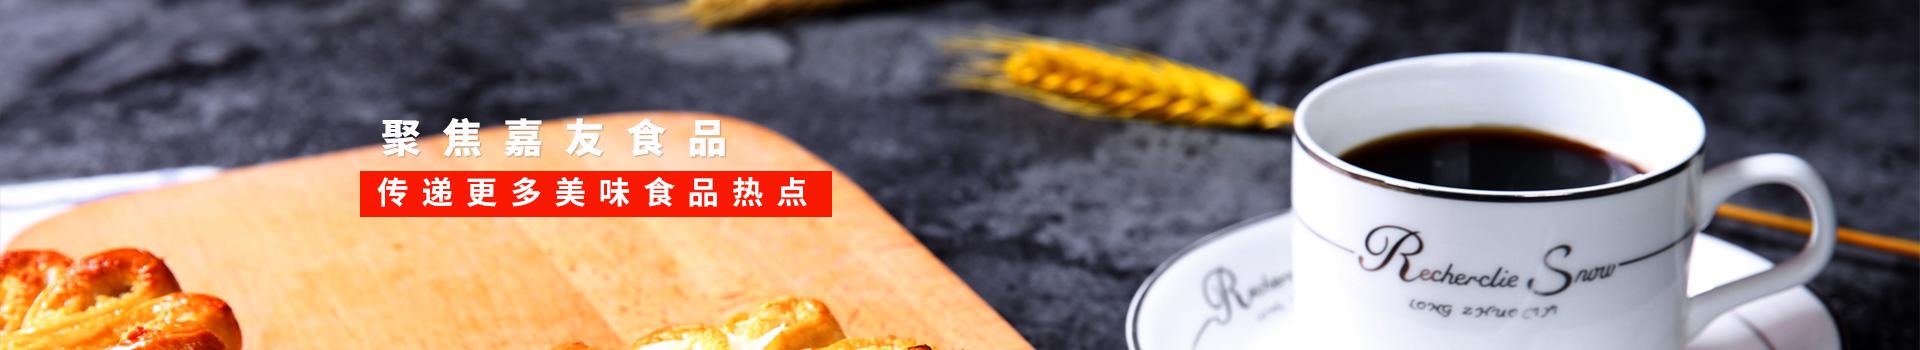 嘉友食品-聚焦嘉友食品,传递更多美味食品热点